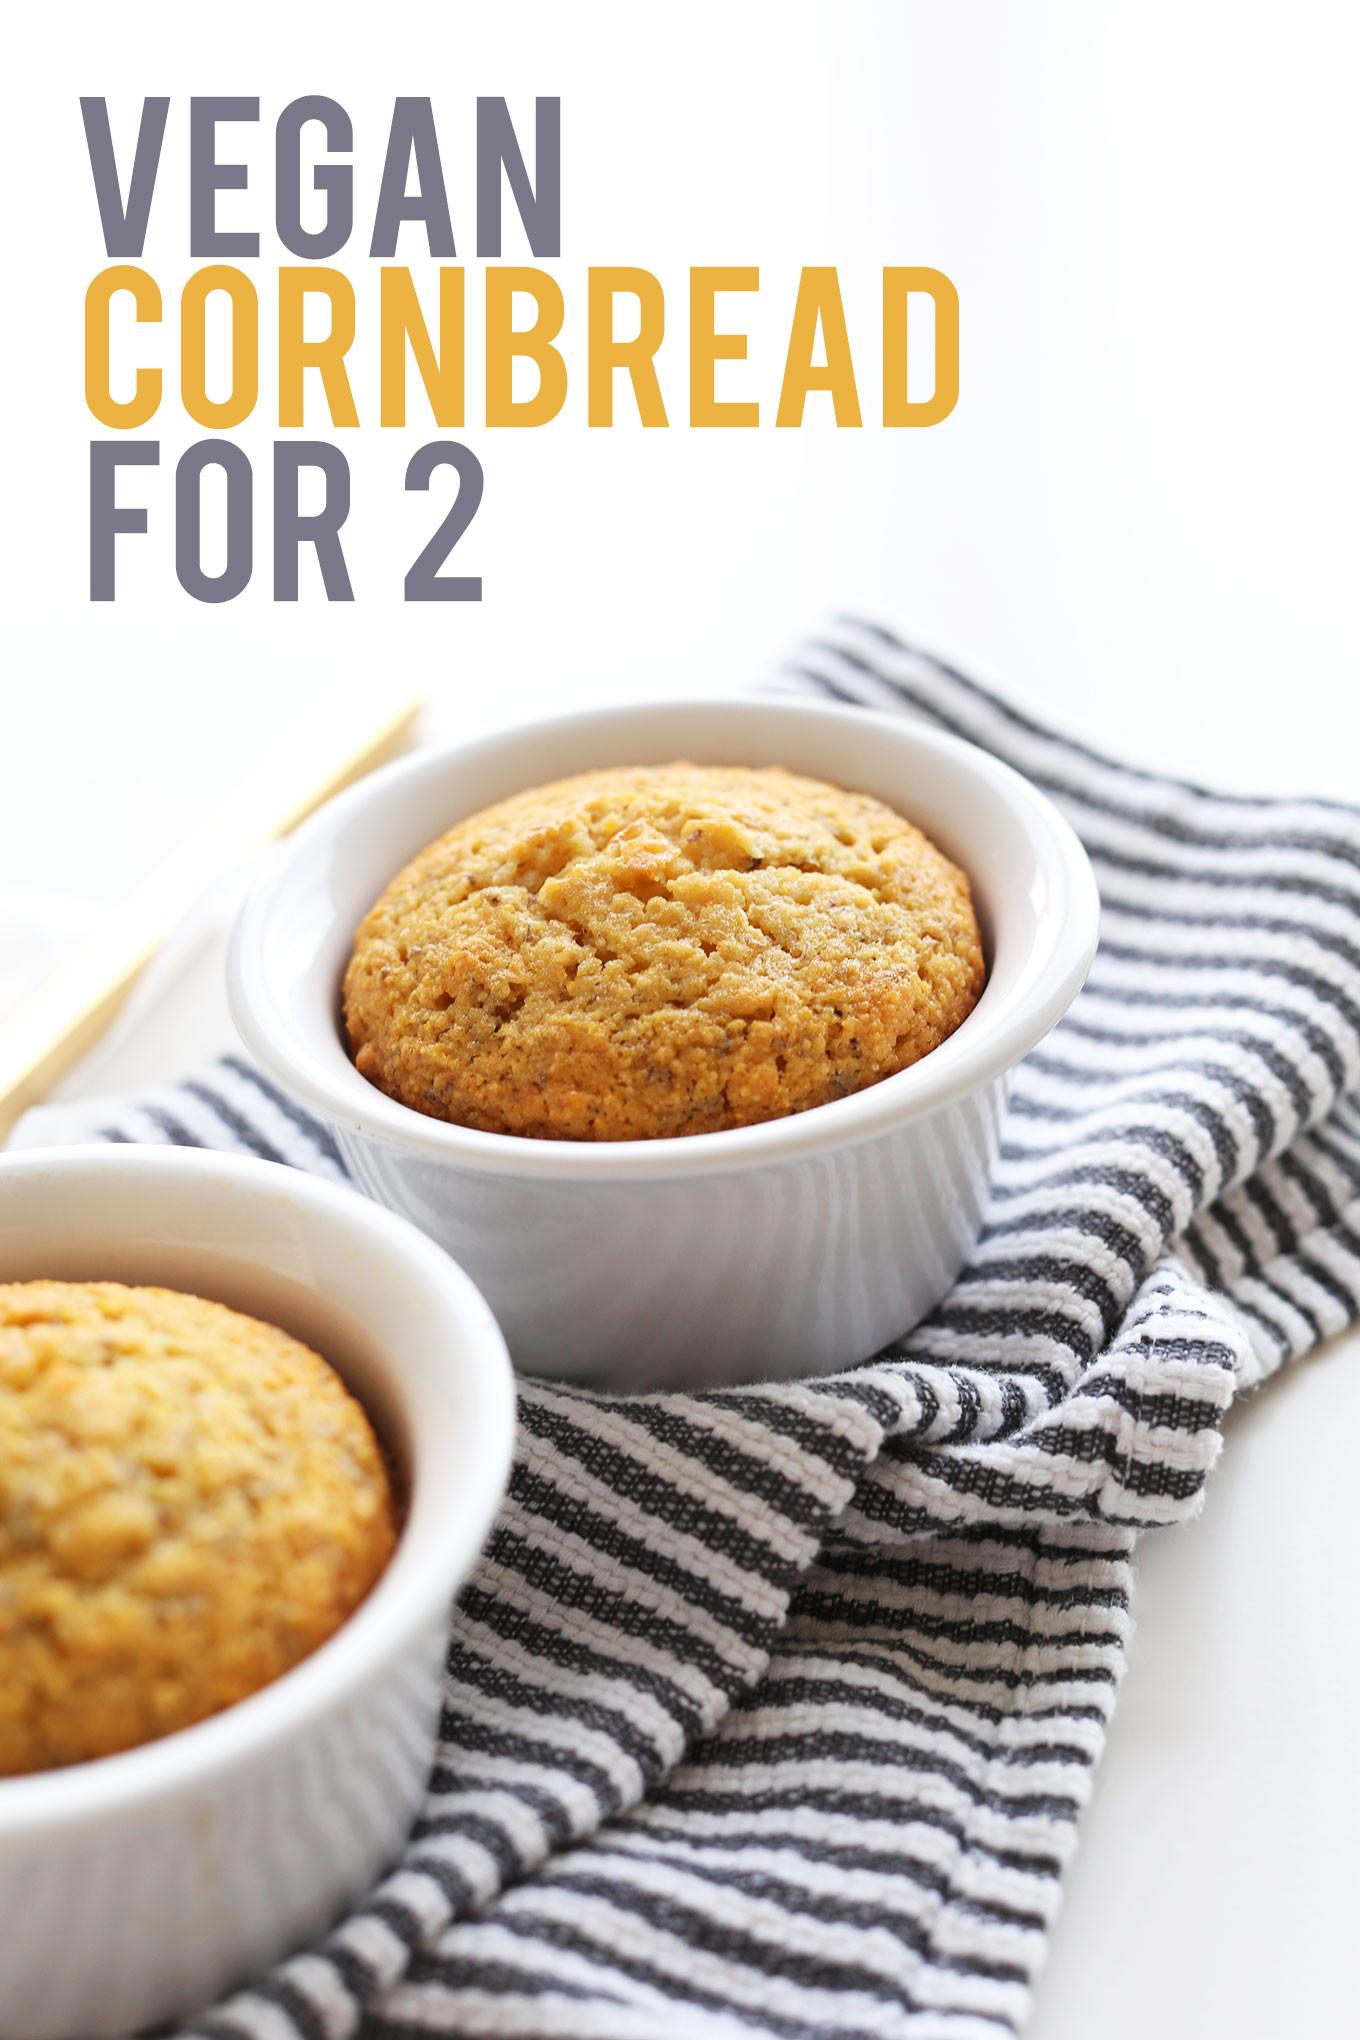 Vegan Cornbread Recipe  Vegan Cornbread for 2